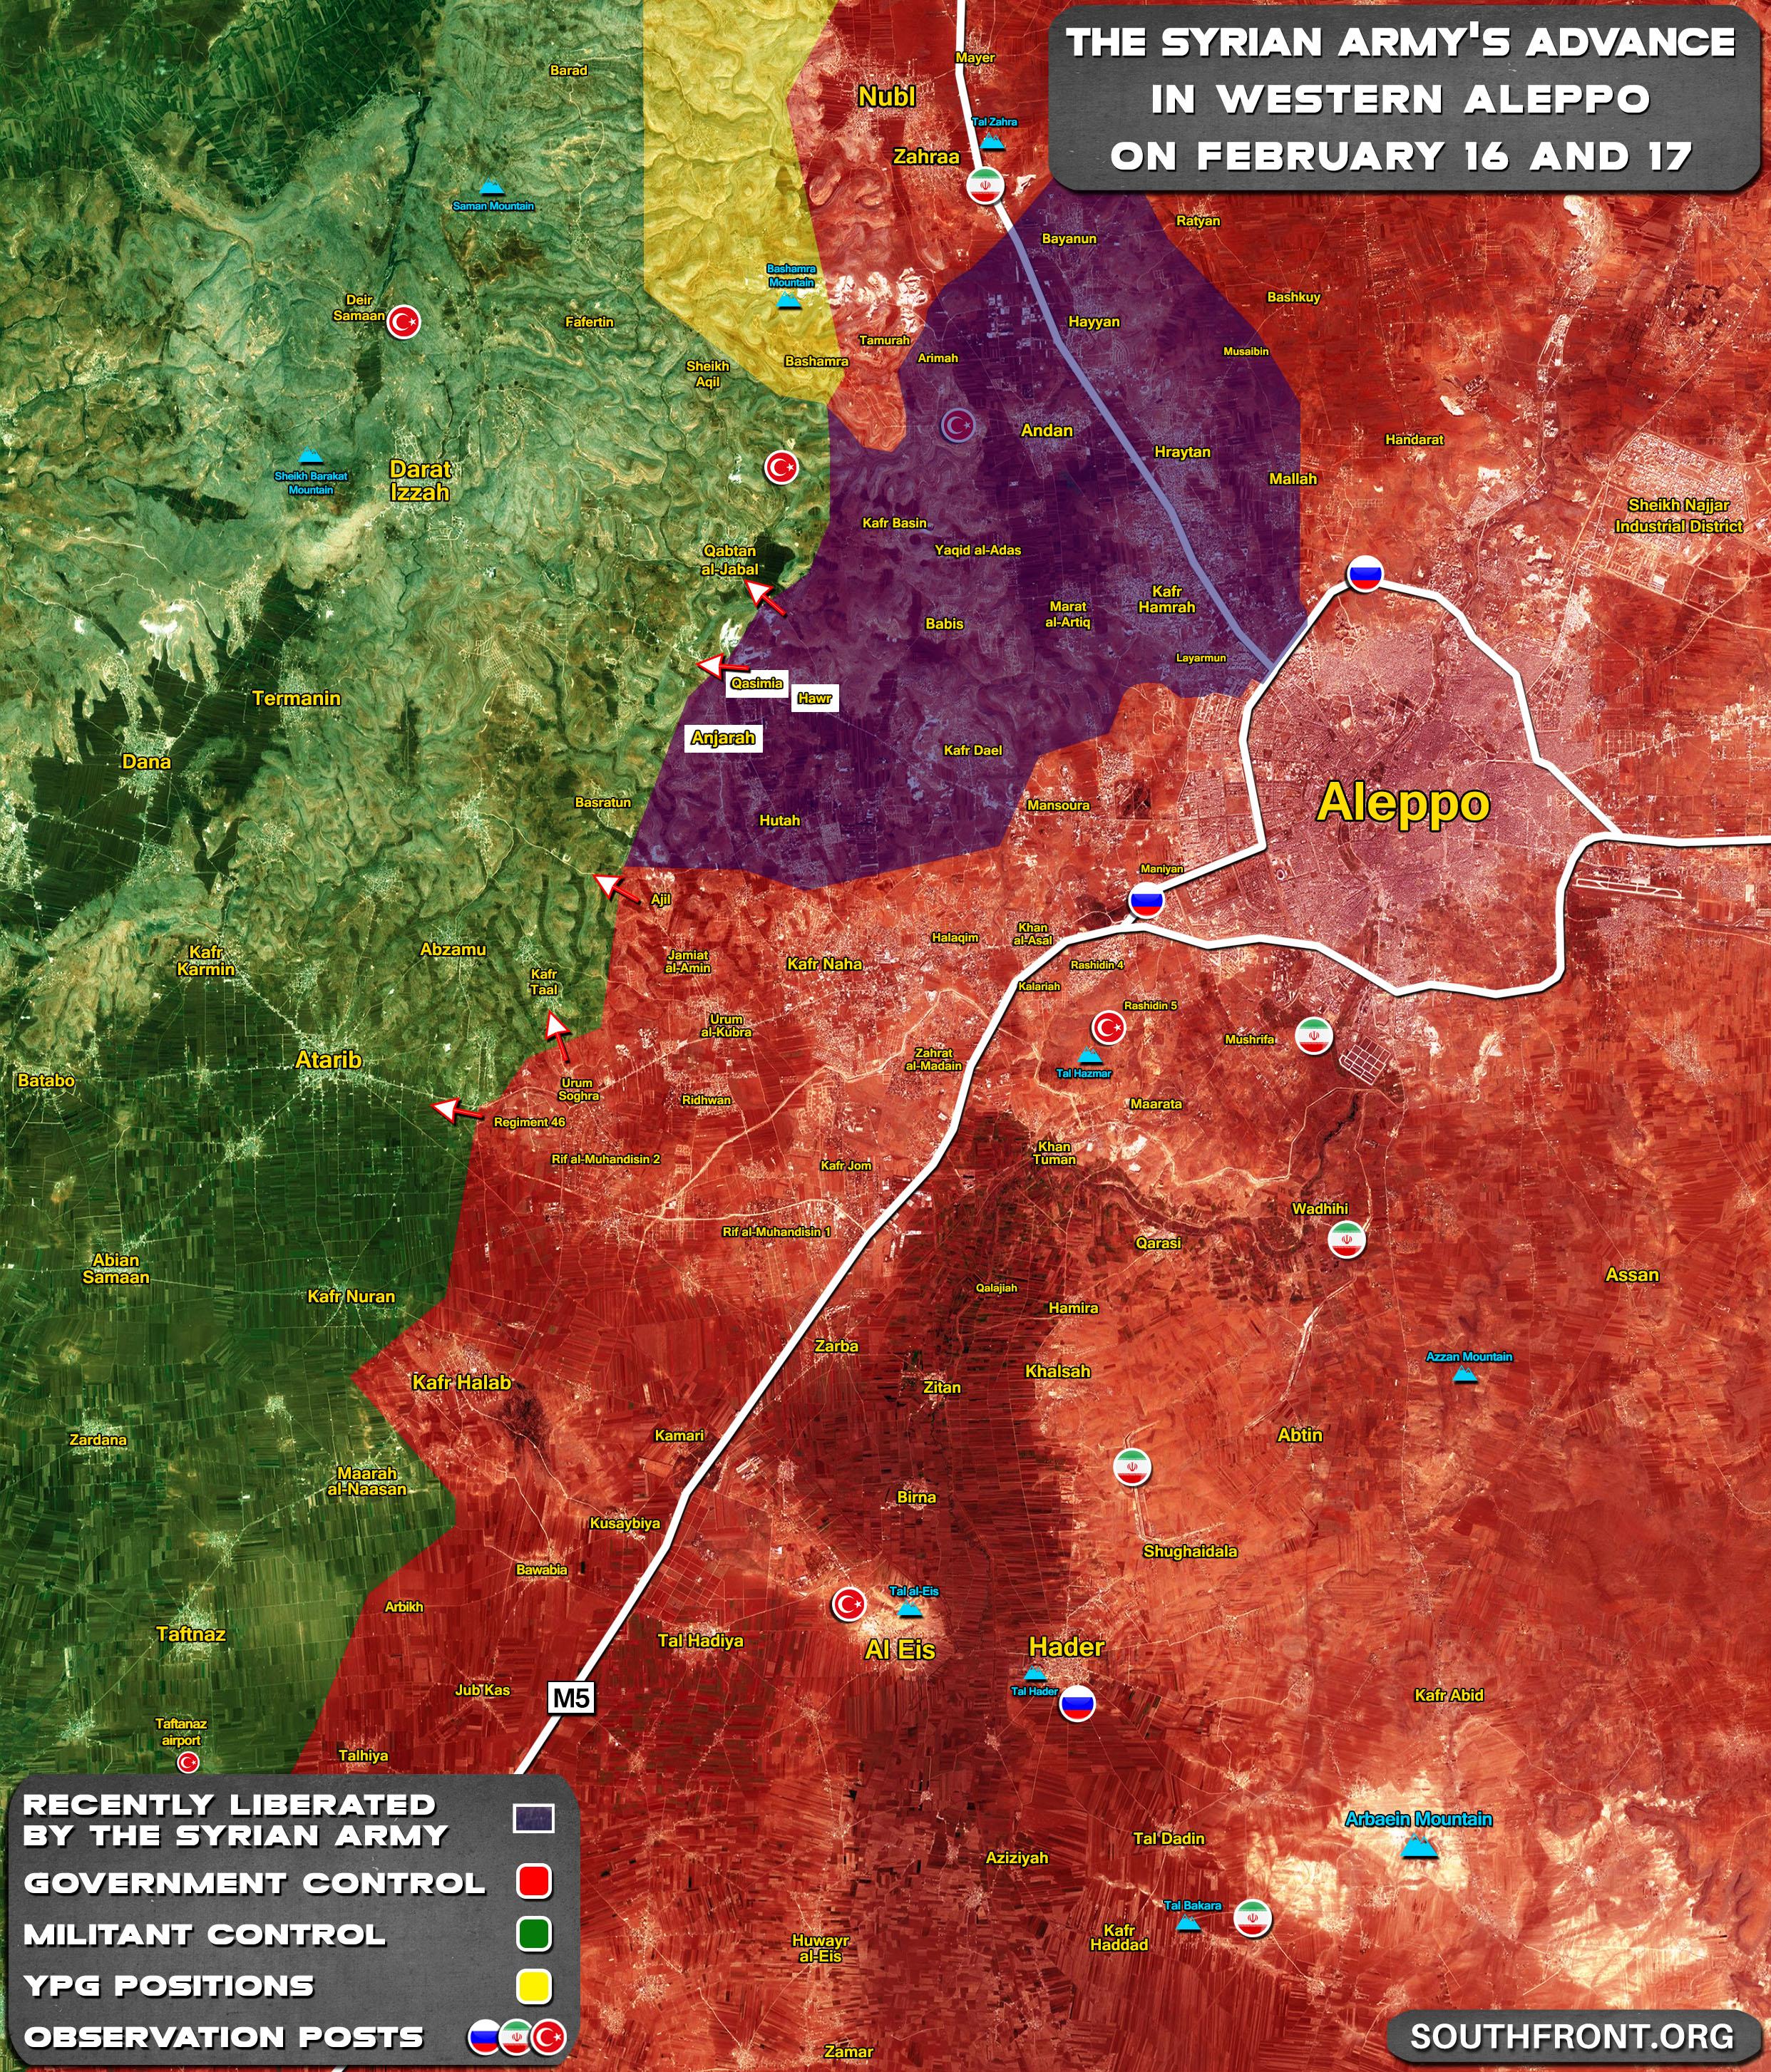 17feb_Western-Aleppo-Map.jpg